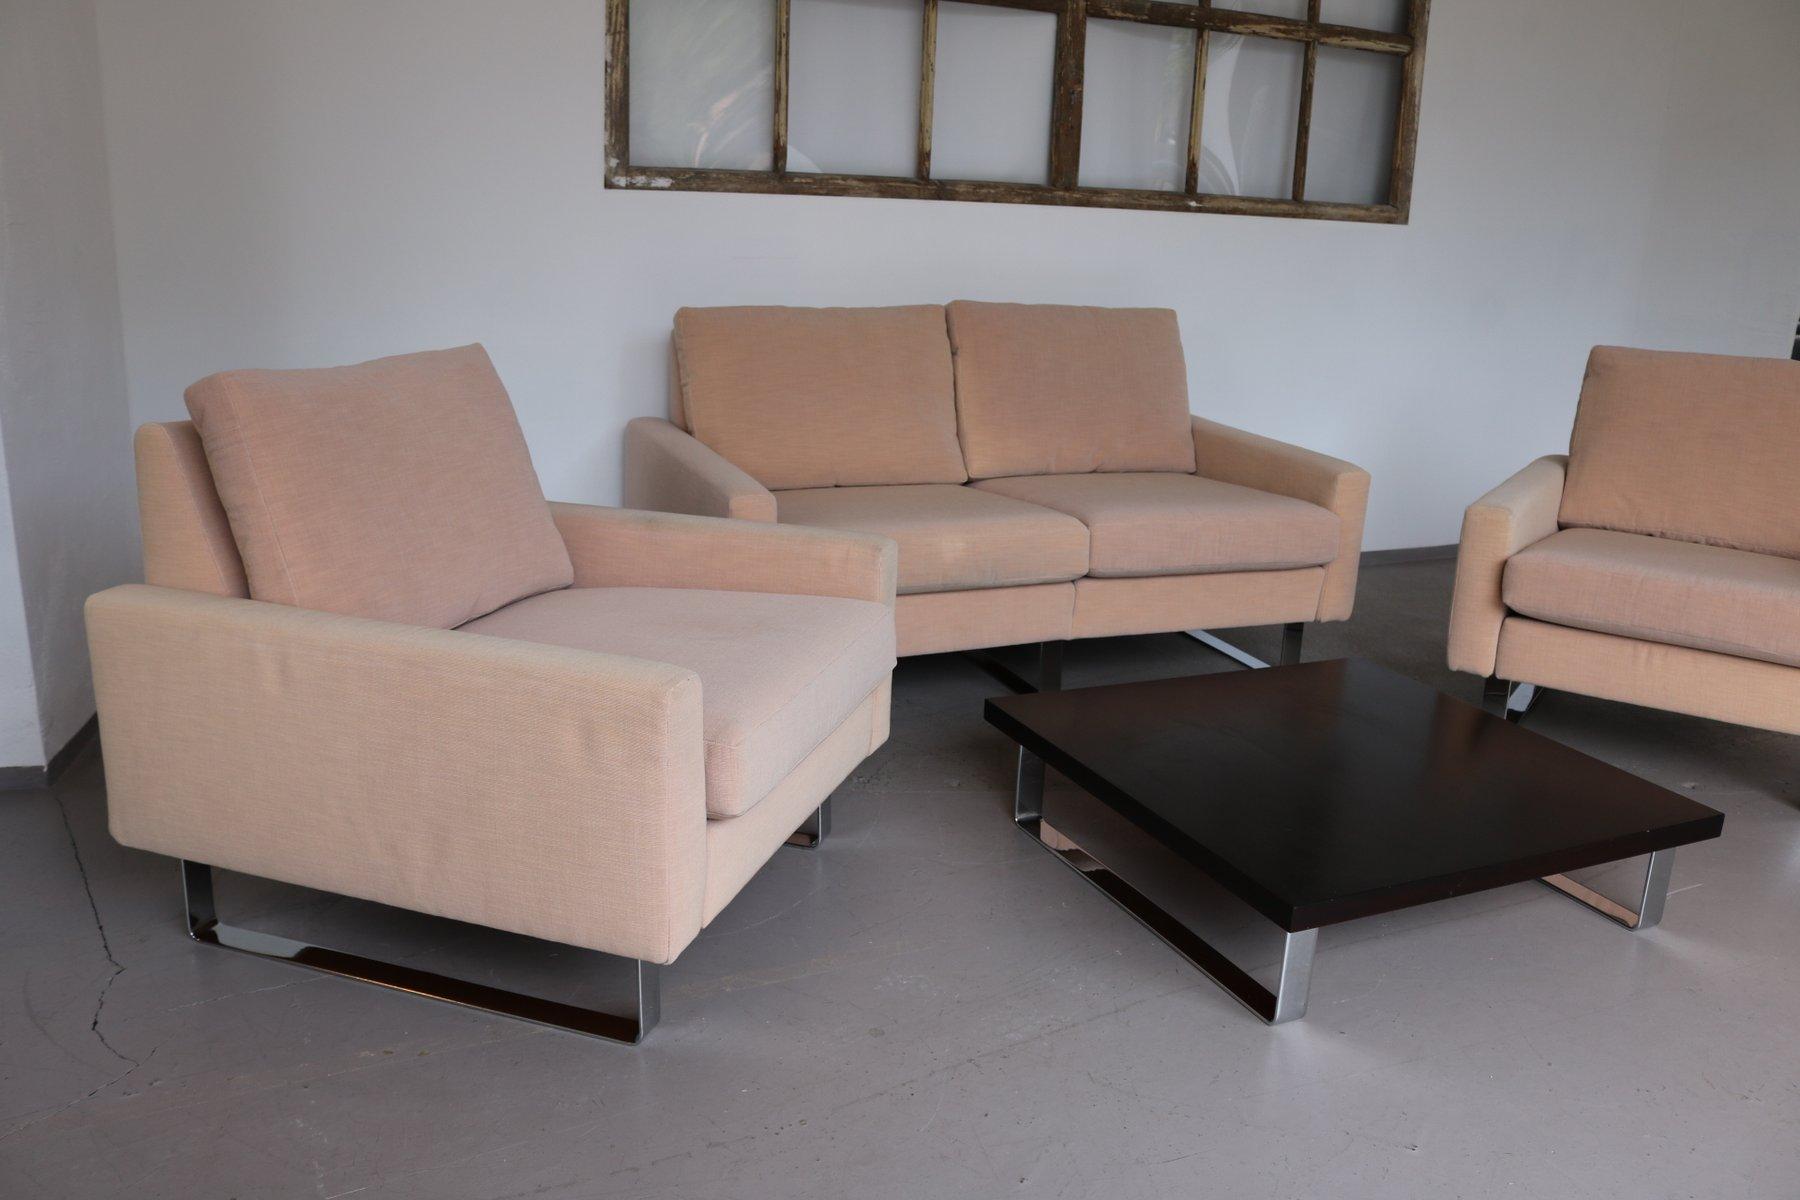 Poltrone divano e tavolino conseta di f w m ller per cor 1960 set di 4 in vendita su pamono - Tavolino per divano ...